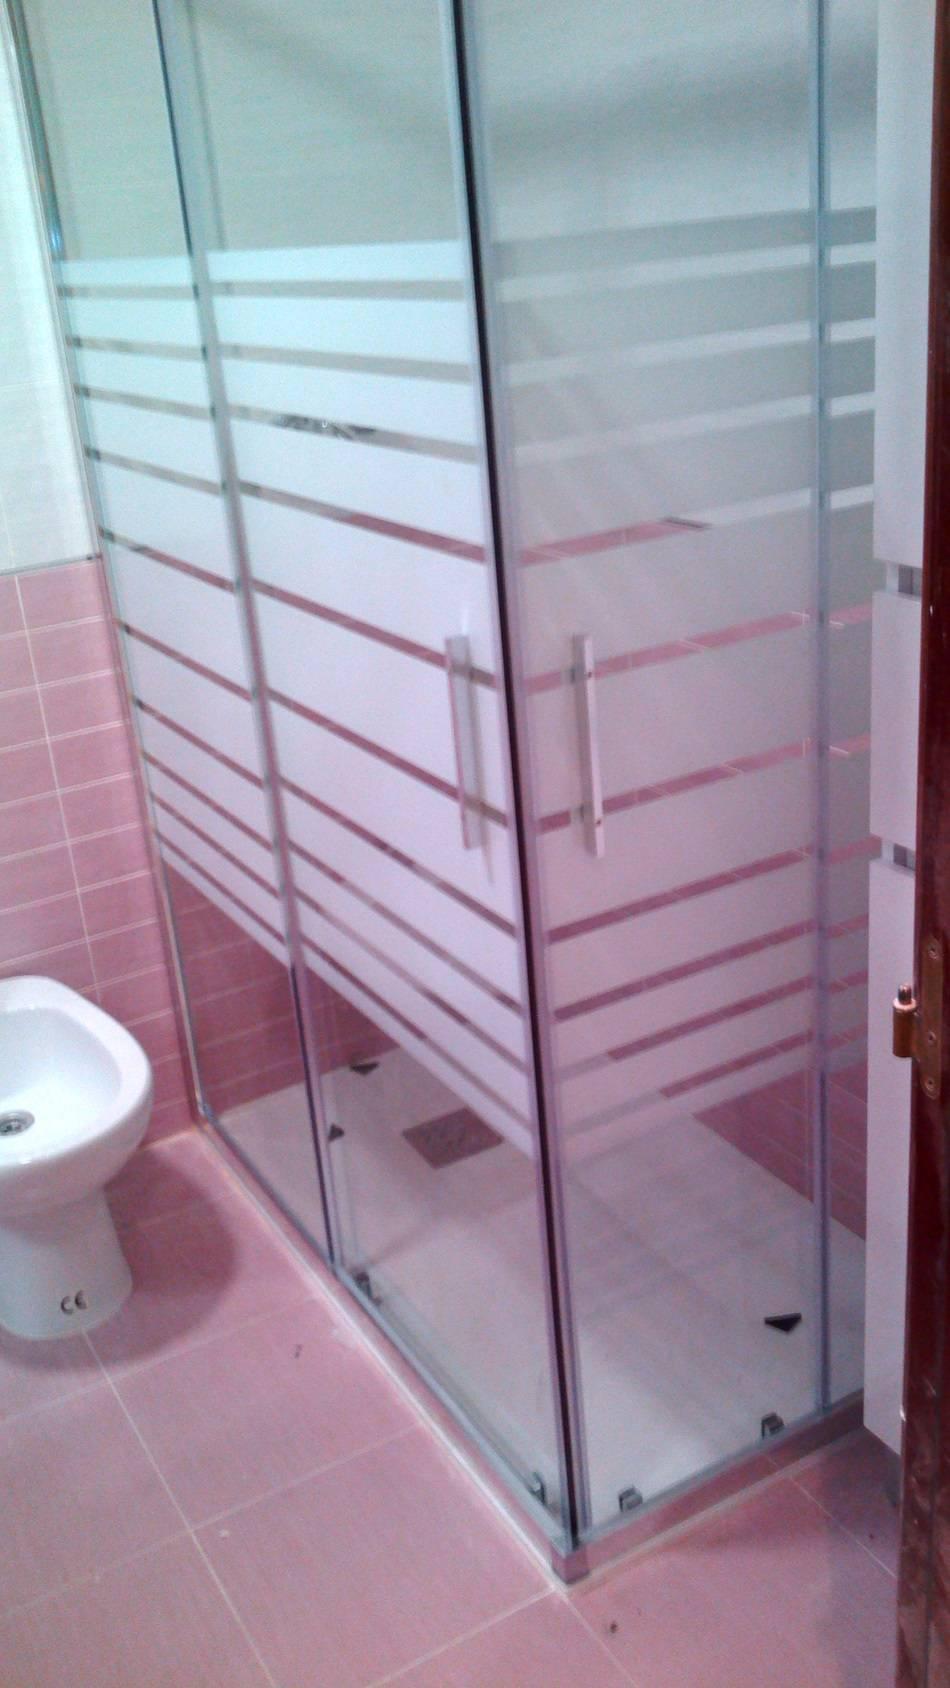 Baño Sencillo De Chocolate:El conjunto de mueble de baño suspendido, con un colgar a juego para